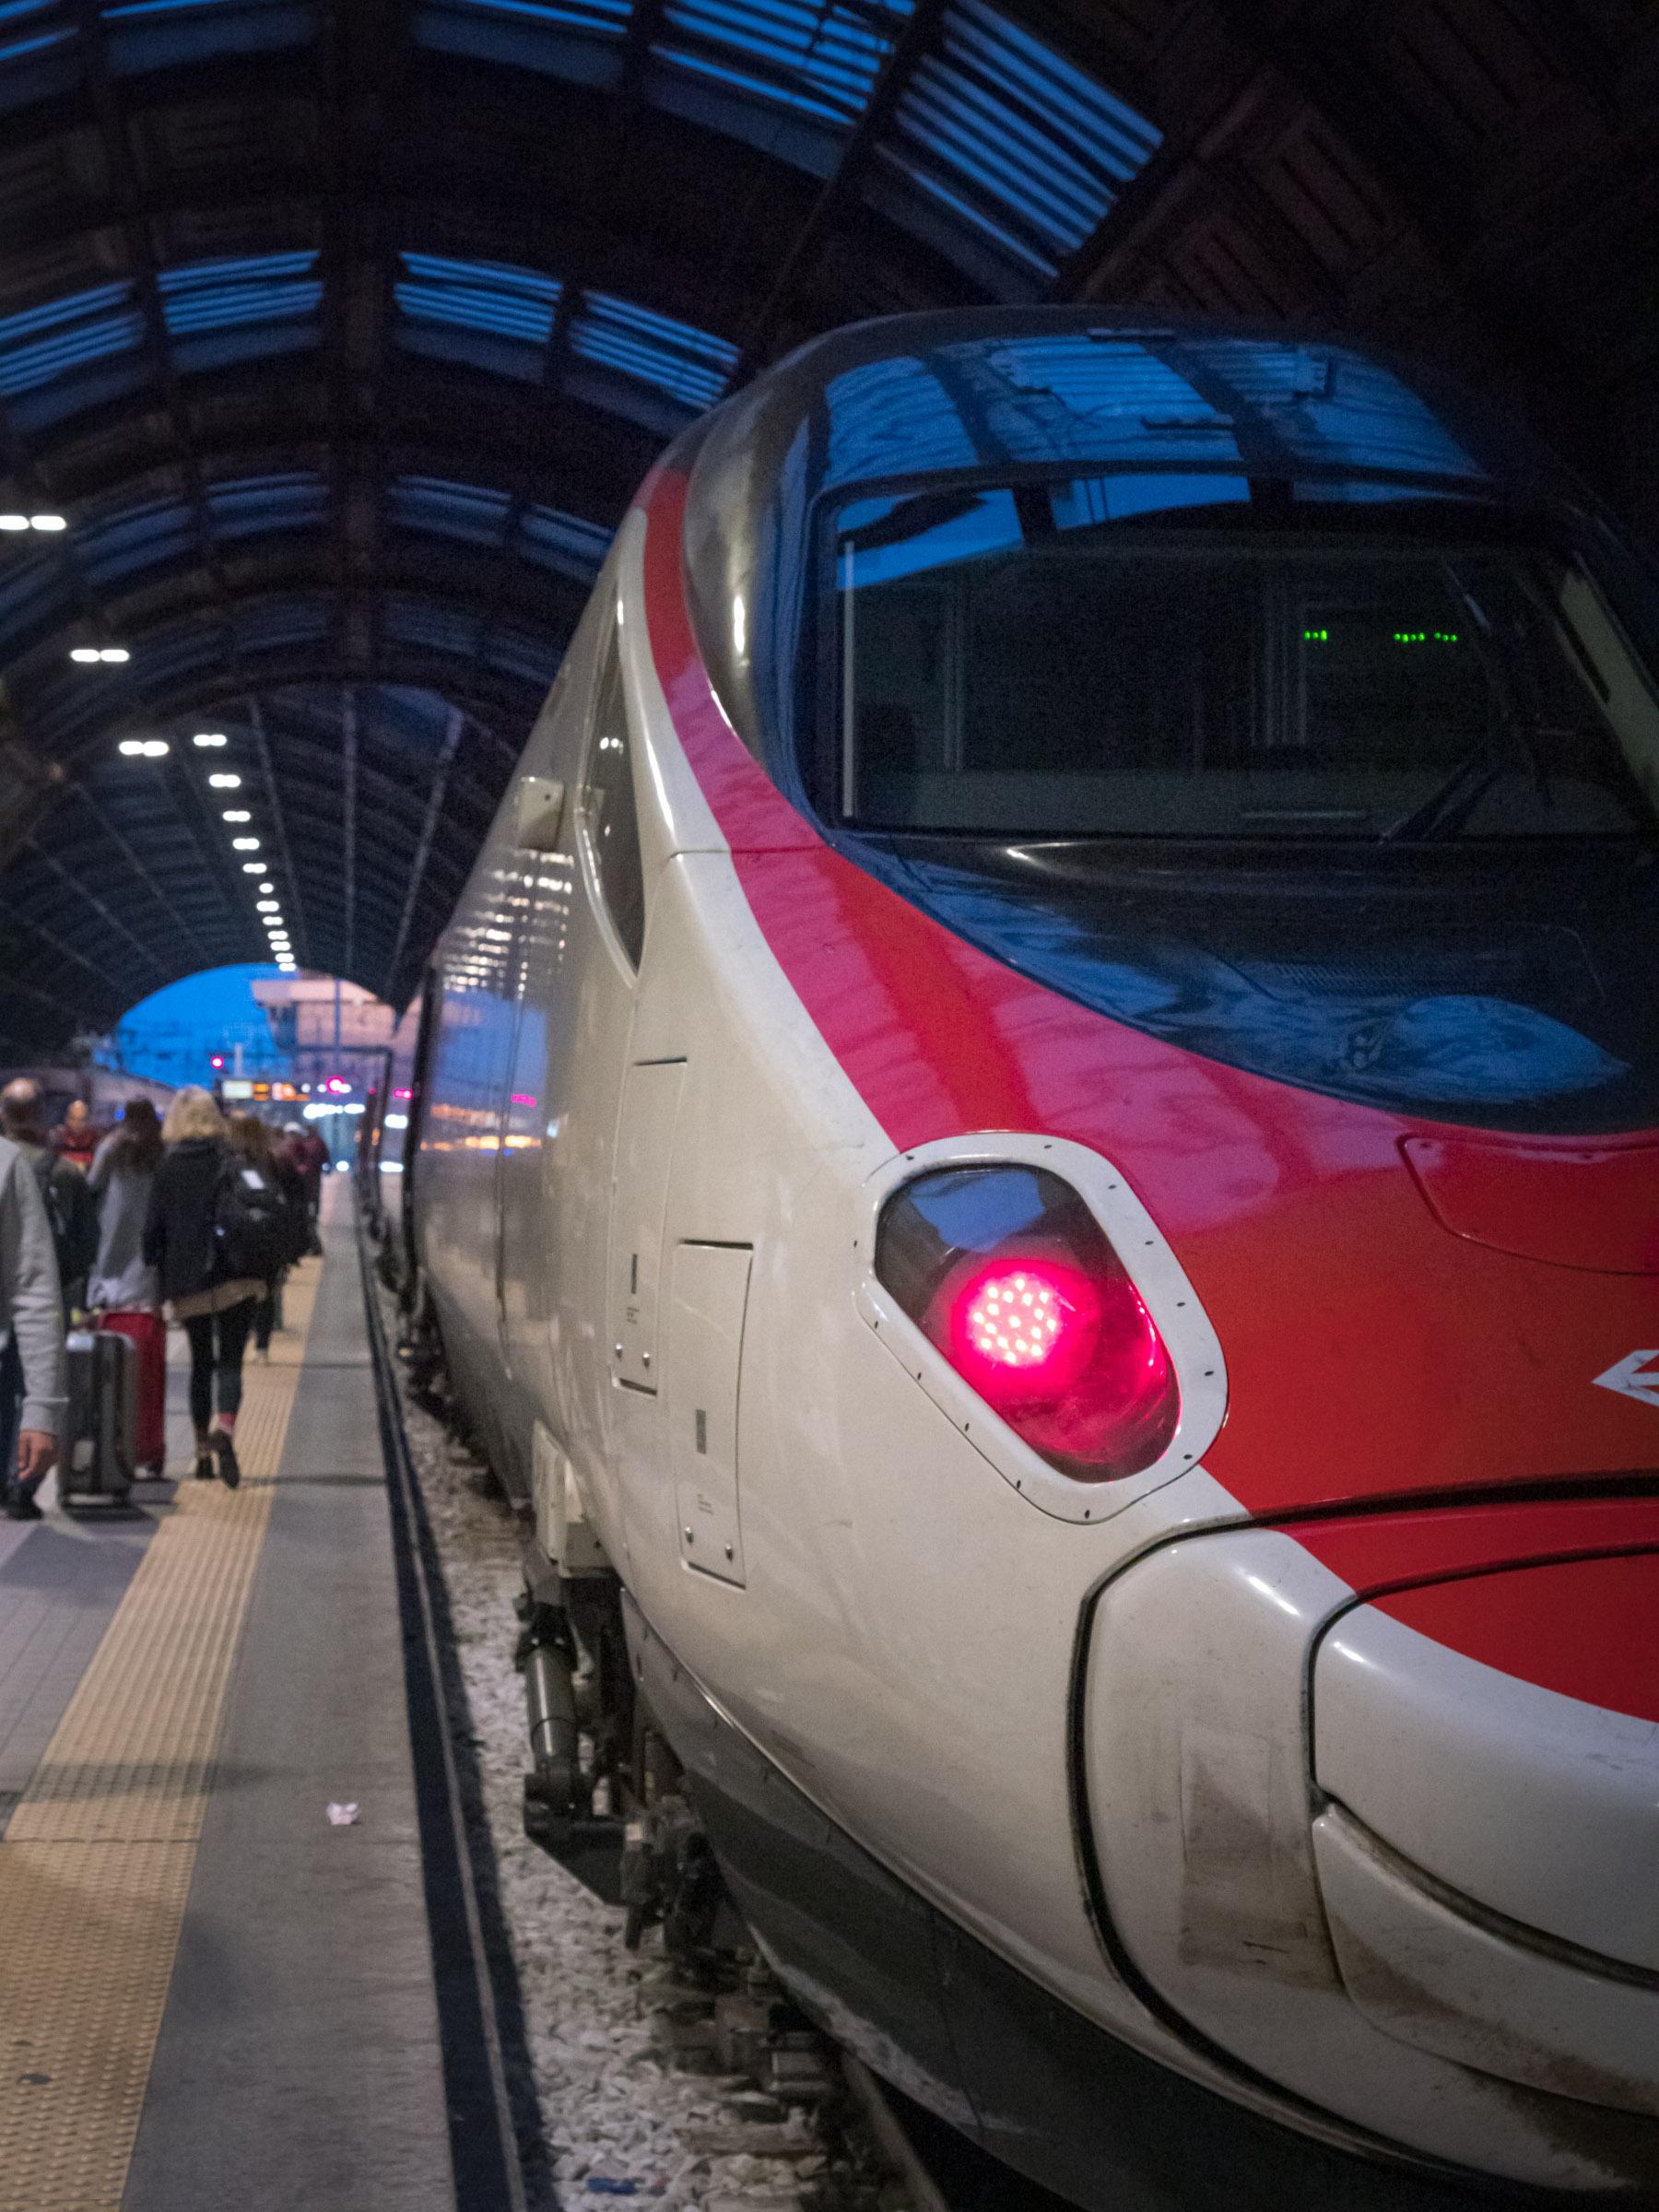 スイス国鉄のユーロシティユーロシティ DMC-GX8 + LEICA DG 12-60mm